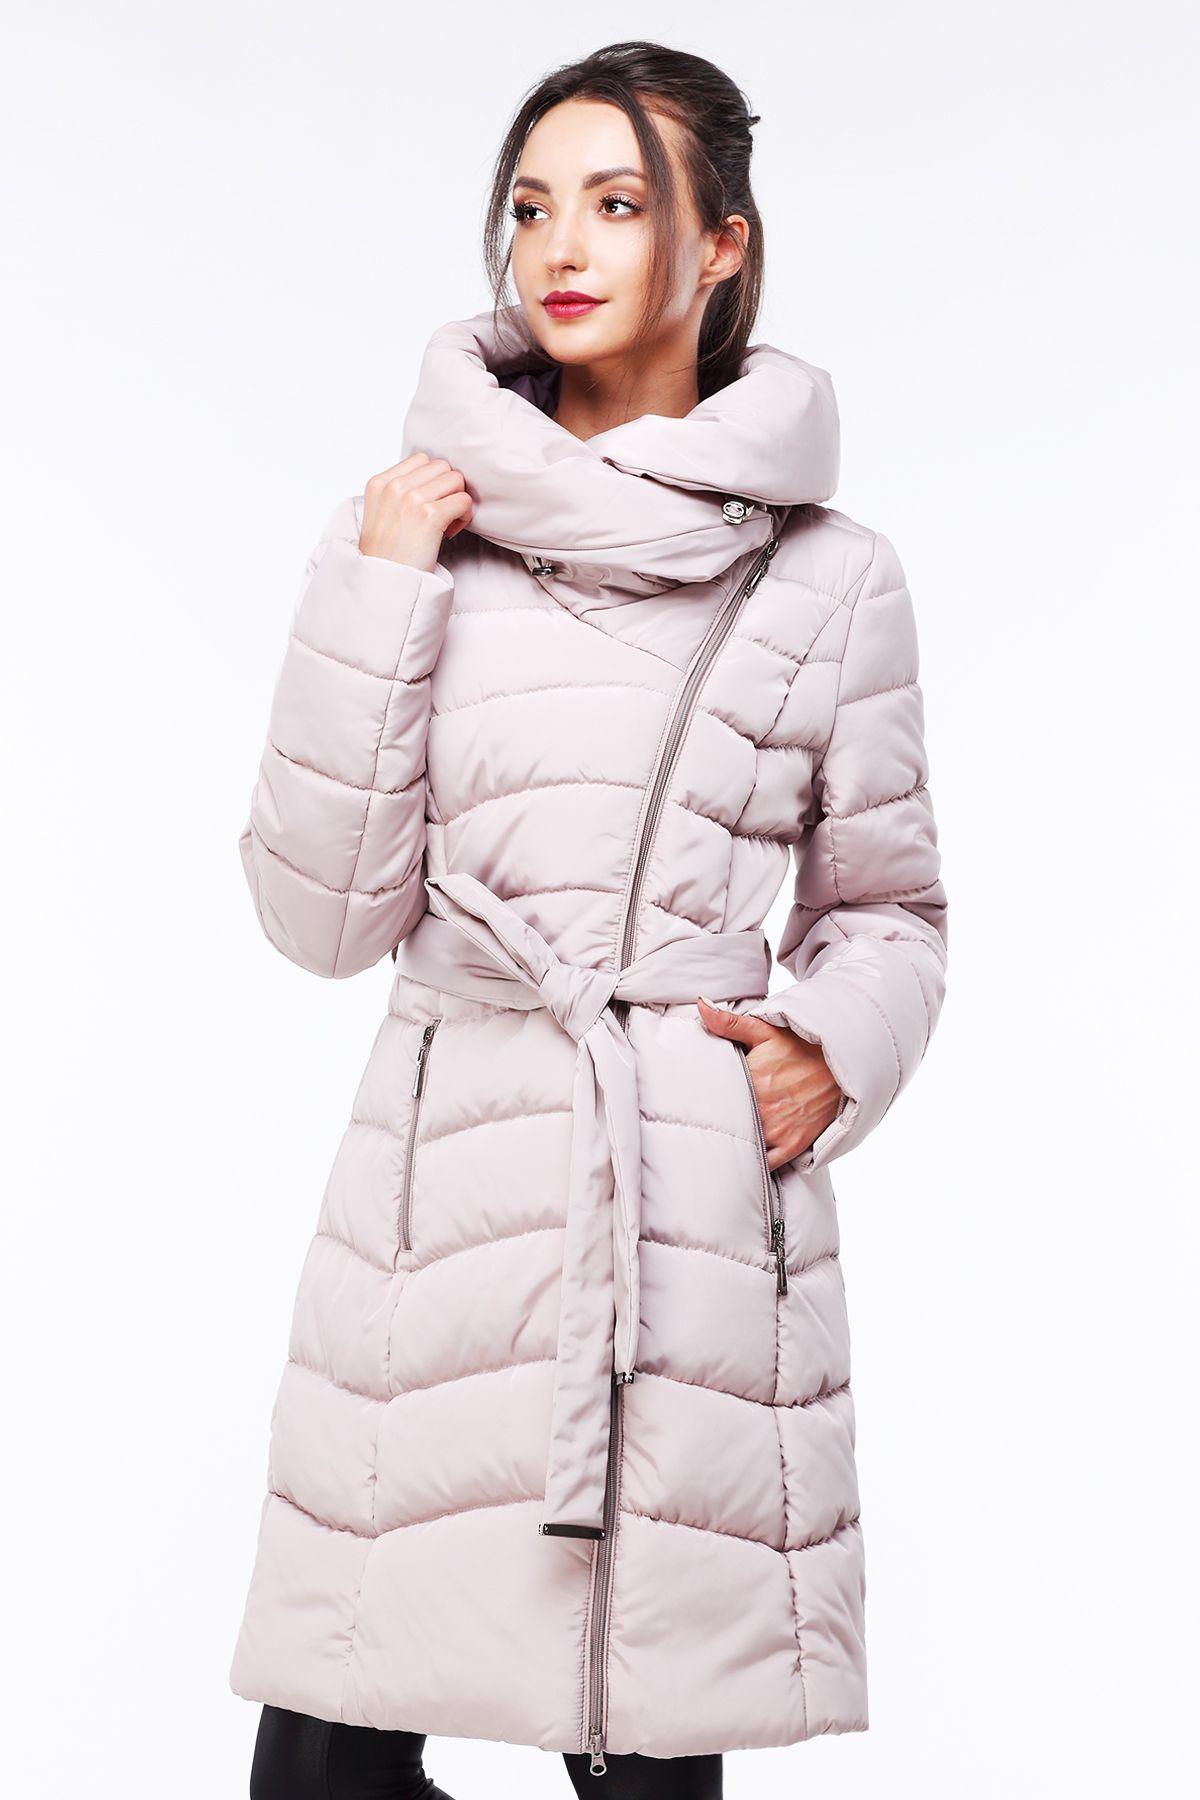 Женский пуховик зимнее пальто Альмира от Nui Very - зимняя куртка ... 56ef24bcf21b4